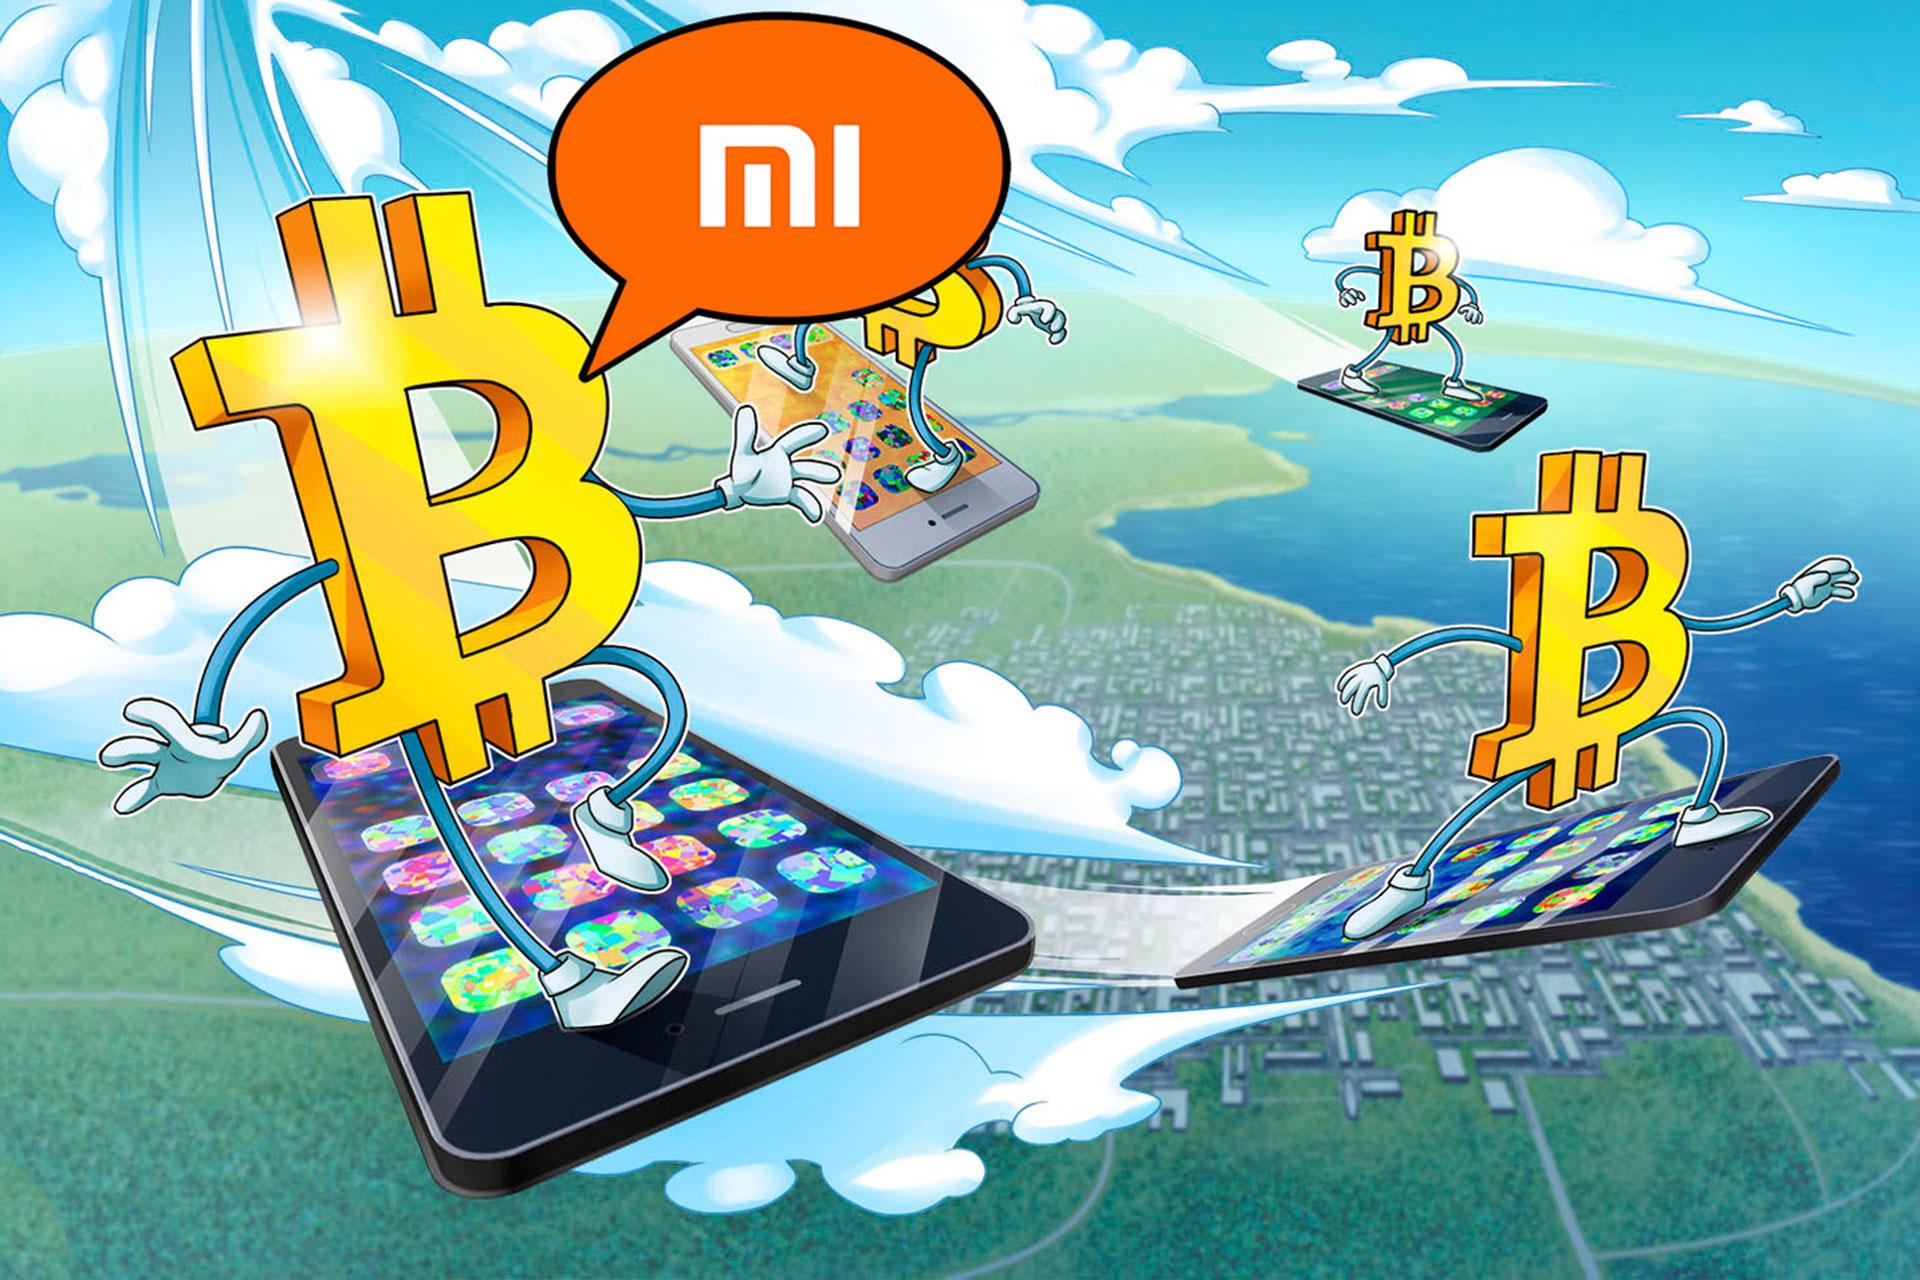 شیائومی پذیرش بیتکوین و اتریوم را برای خرید محصولات خود آغاز کرد / خرید گوشی شیائومی با بیت کوین